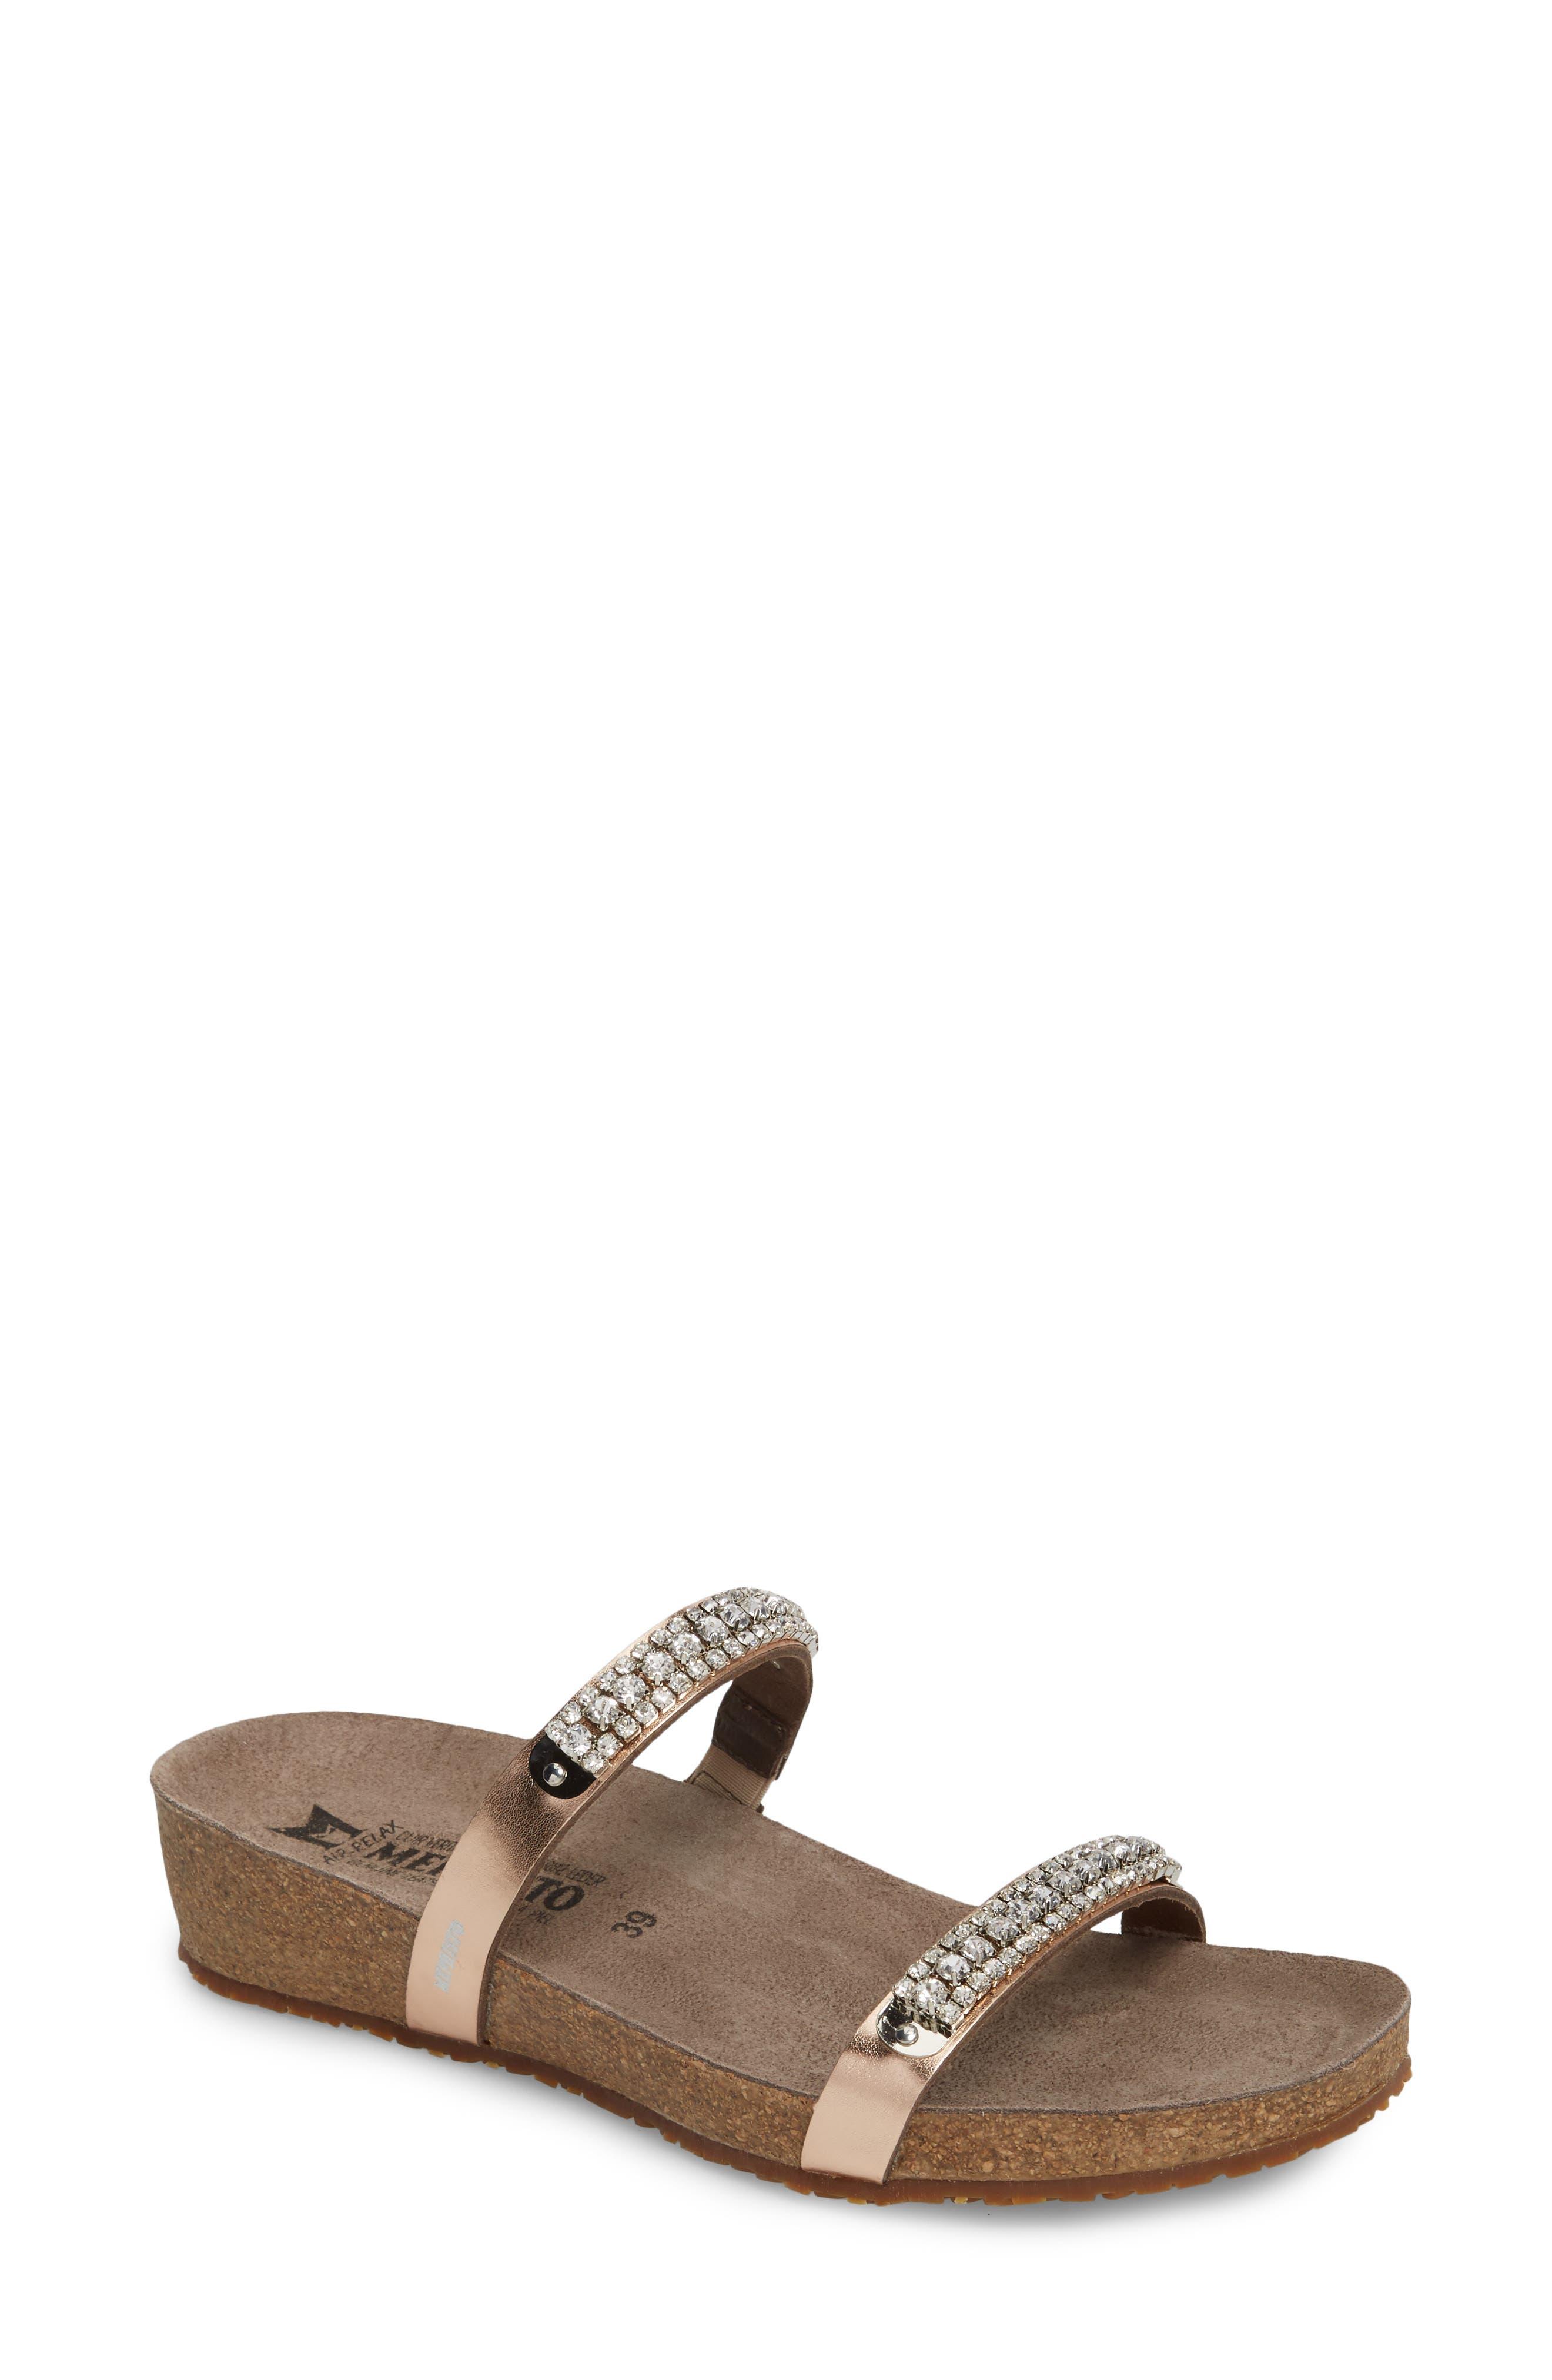 'Ivana' Crystal Embellished Slide Sandal,                         Main,                         color, Old Pink Leather